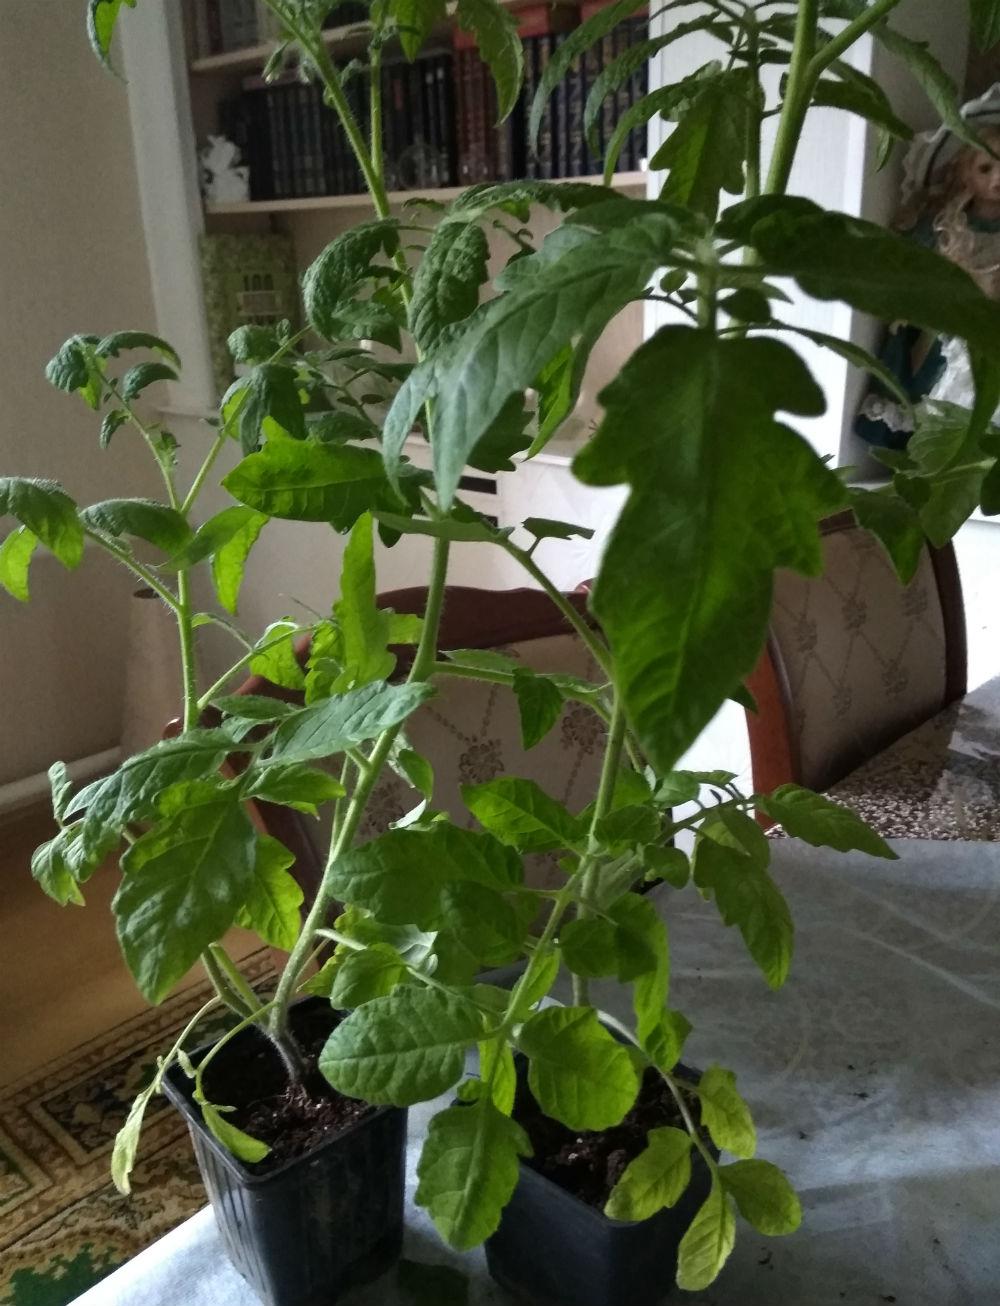 Ровно месяц назад мне пришлось срезать верхушку у одного томата. Я ее укоренила, но и горшочек с корнем не выбросила. В результате у меня отличная рассада из черенка и растение  в два стебля из оставшегося корня томата.